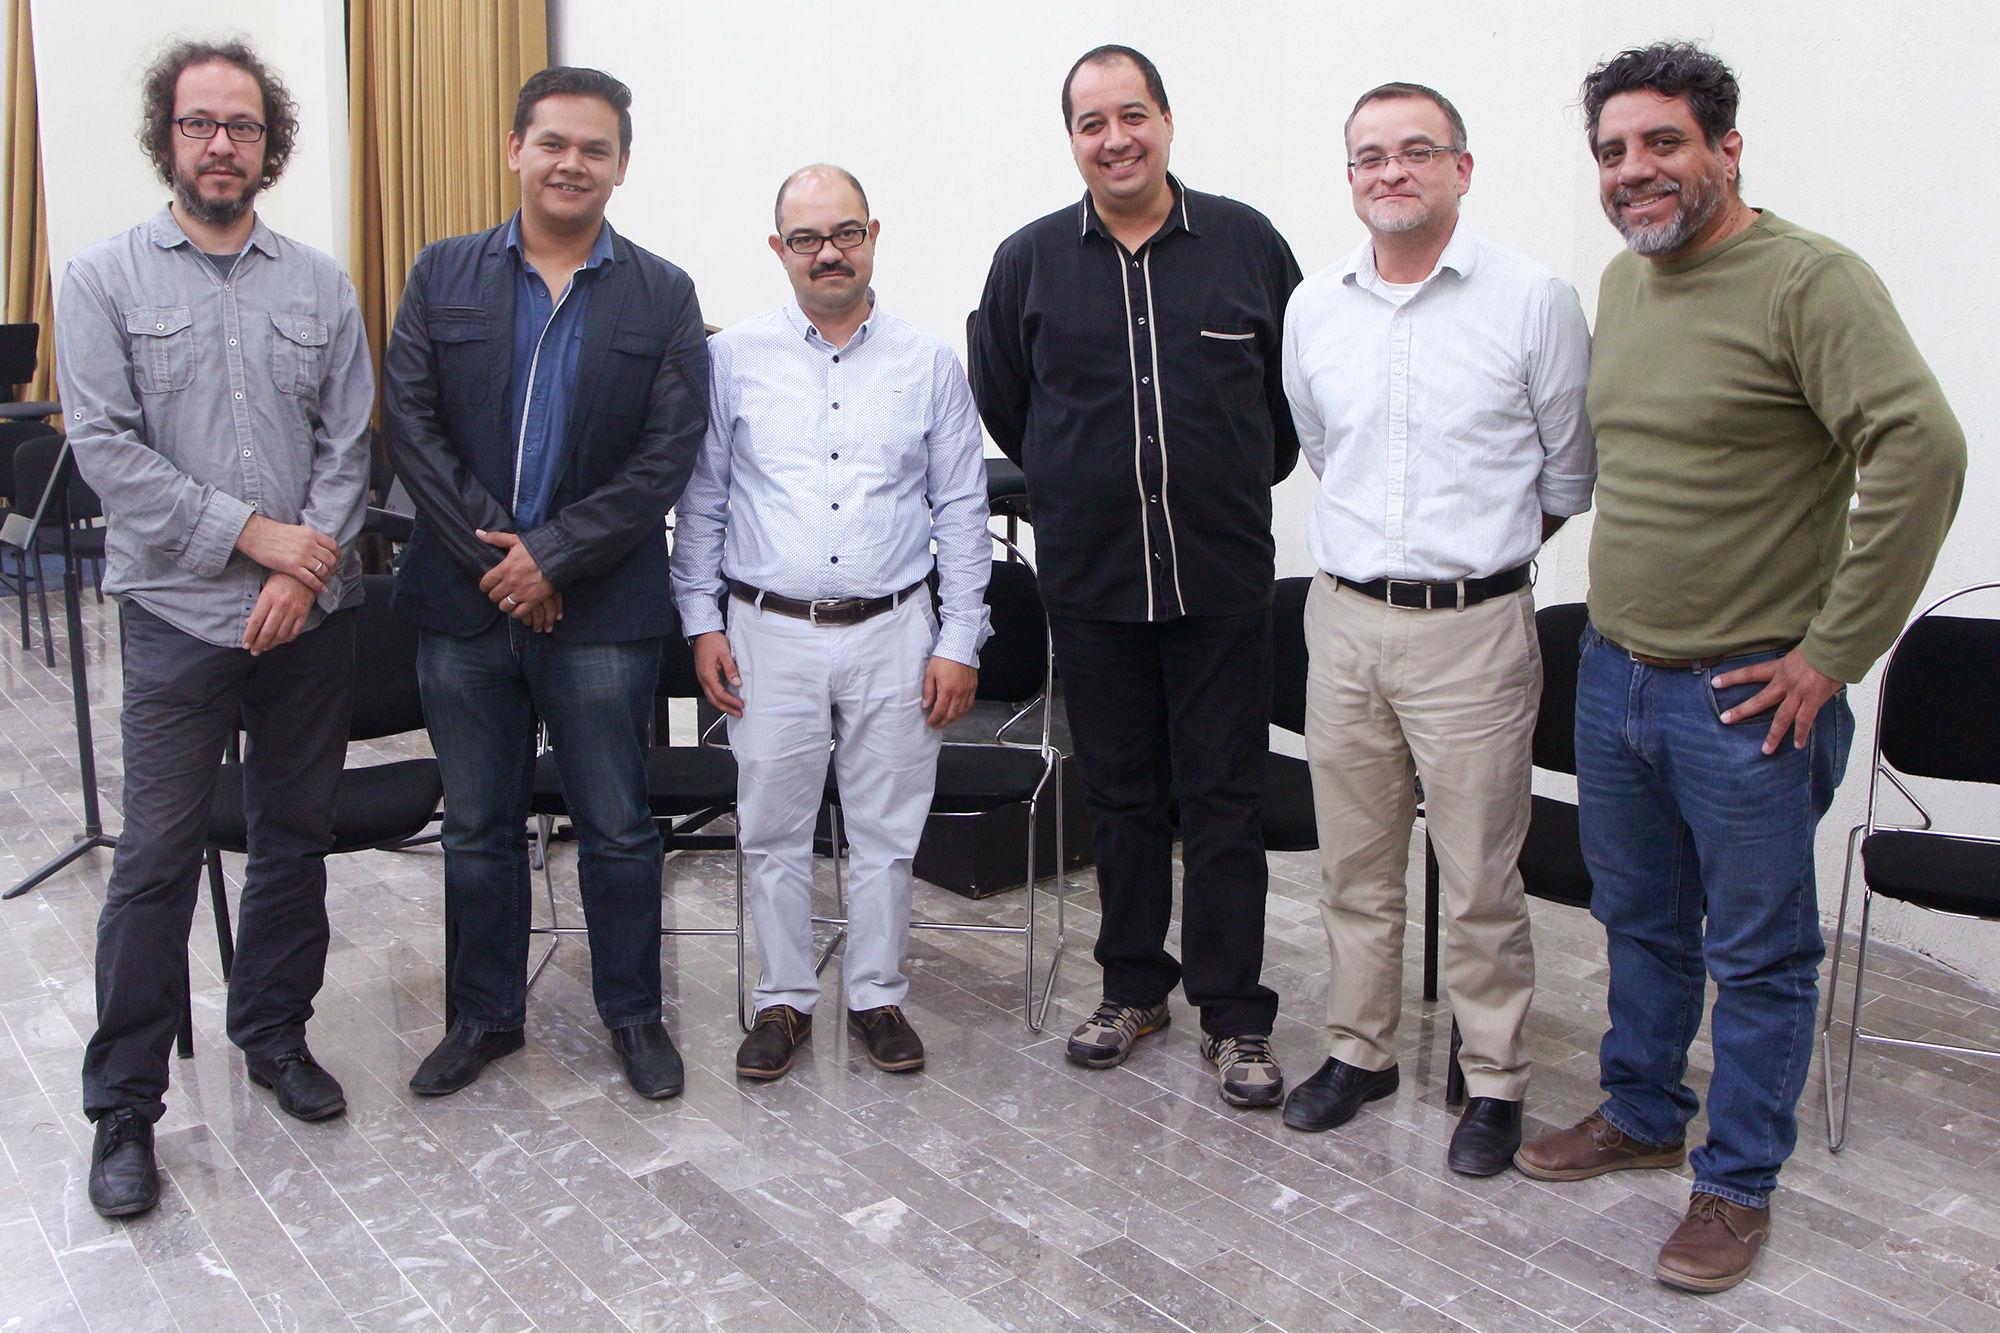 Los compositores Daniel Flores, Rolando Cruz, Roberto Flores y Ricardo Hernández